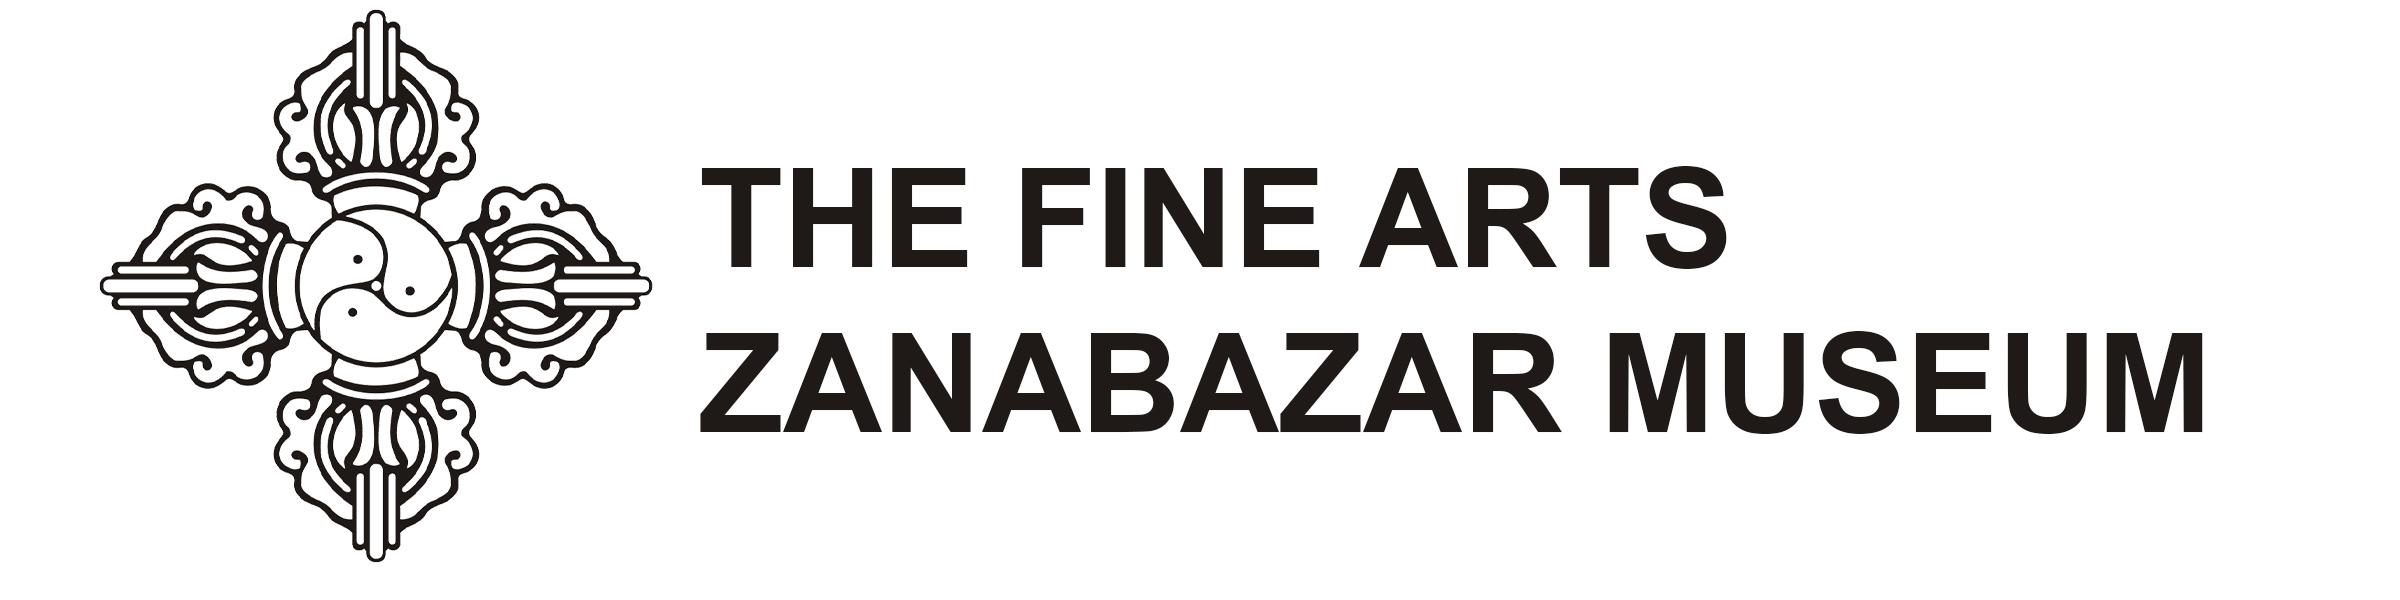 New Site: The Fine Arts Zanabazar Museum